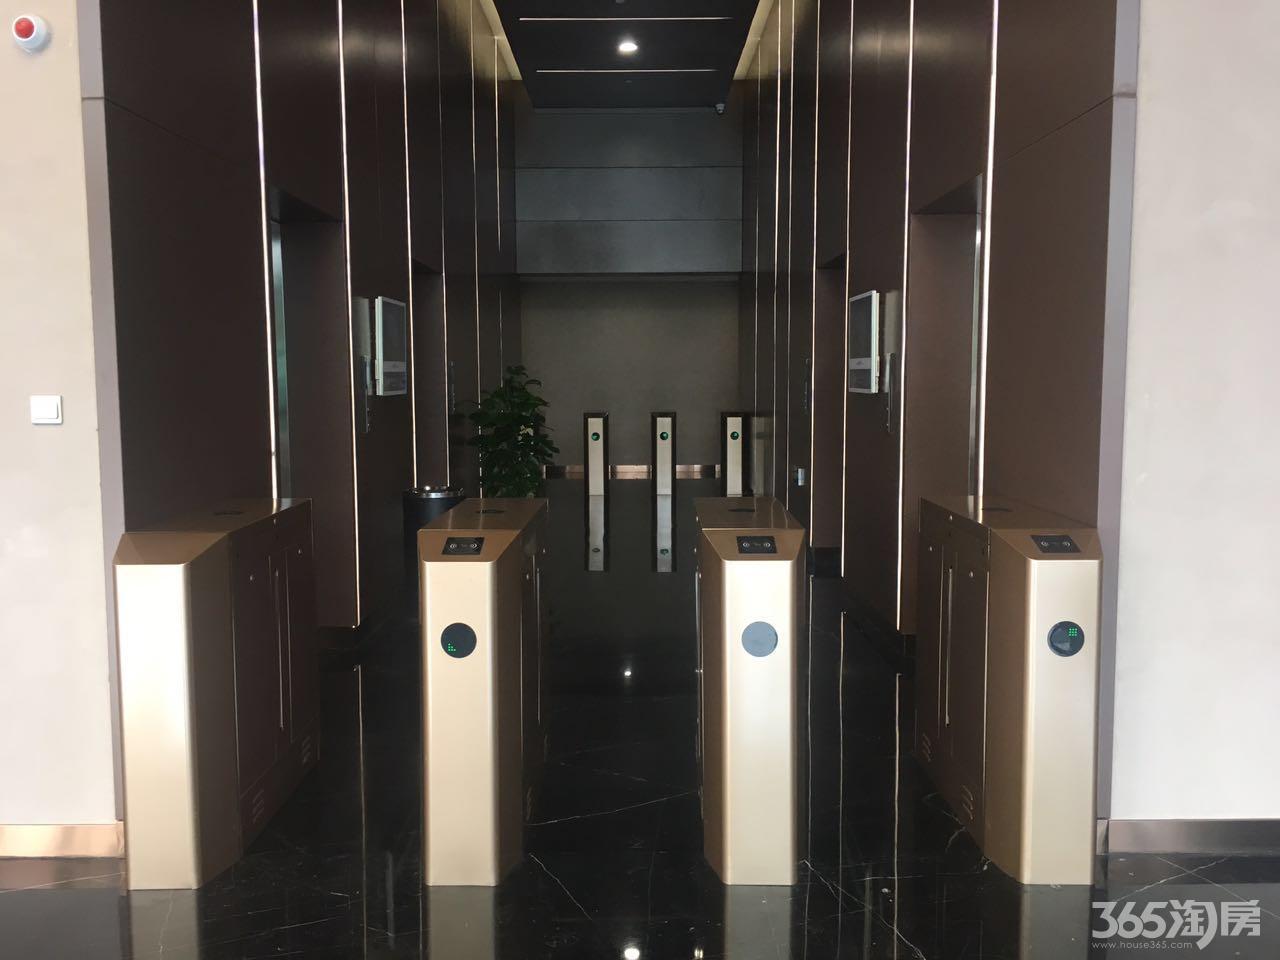 雨花台区铁心桥软件谷云密城租房